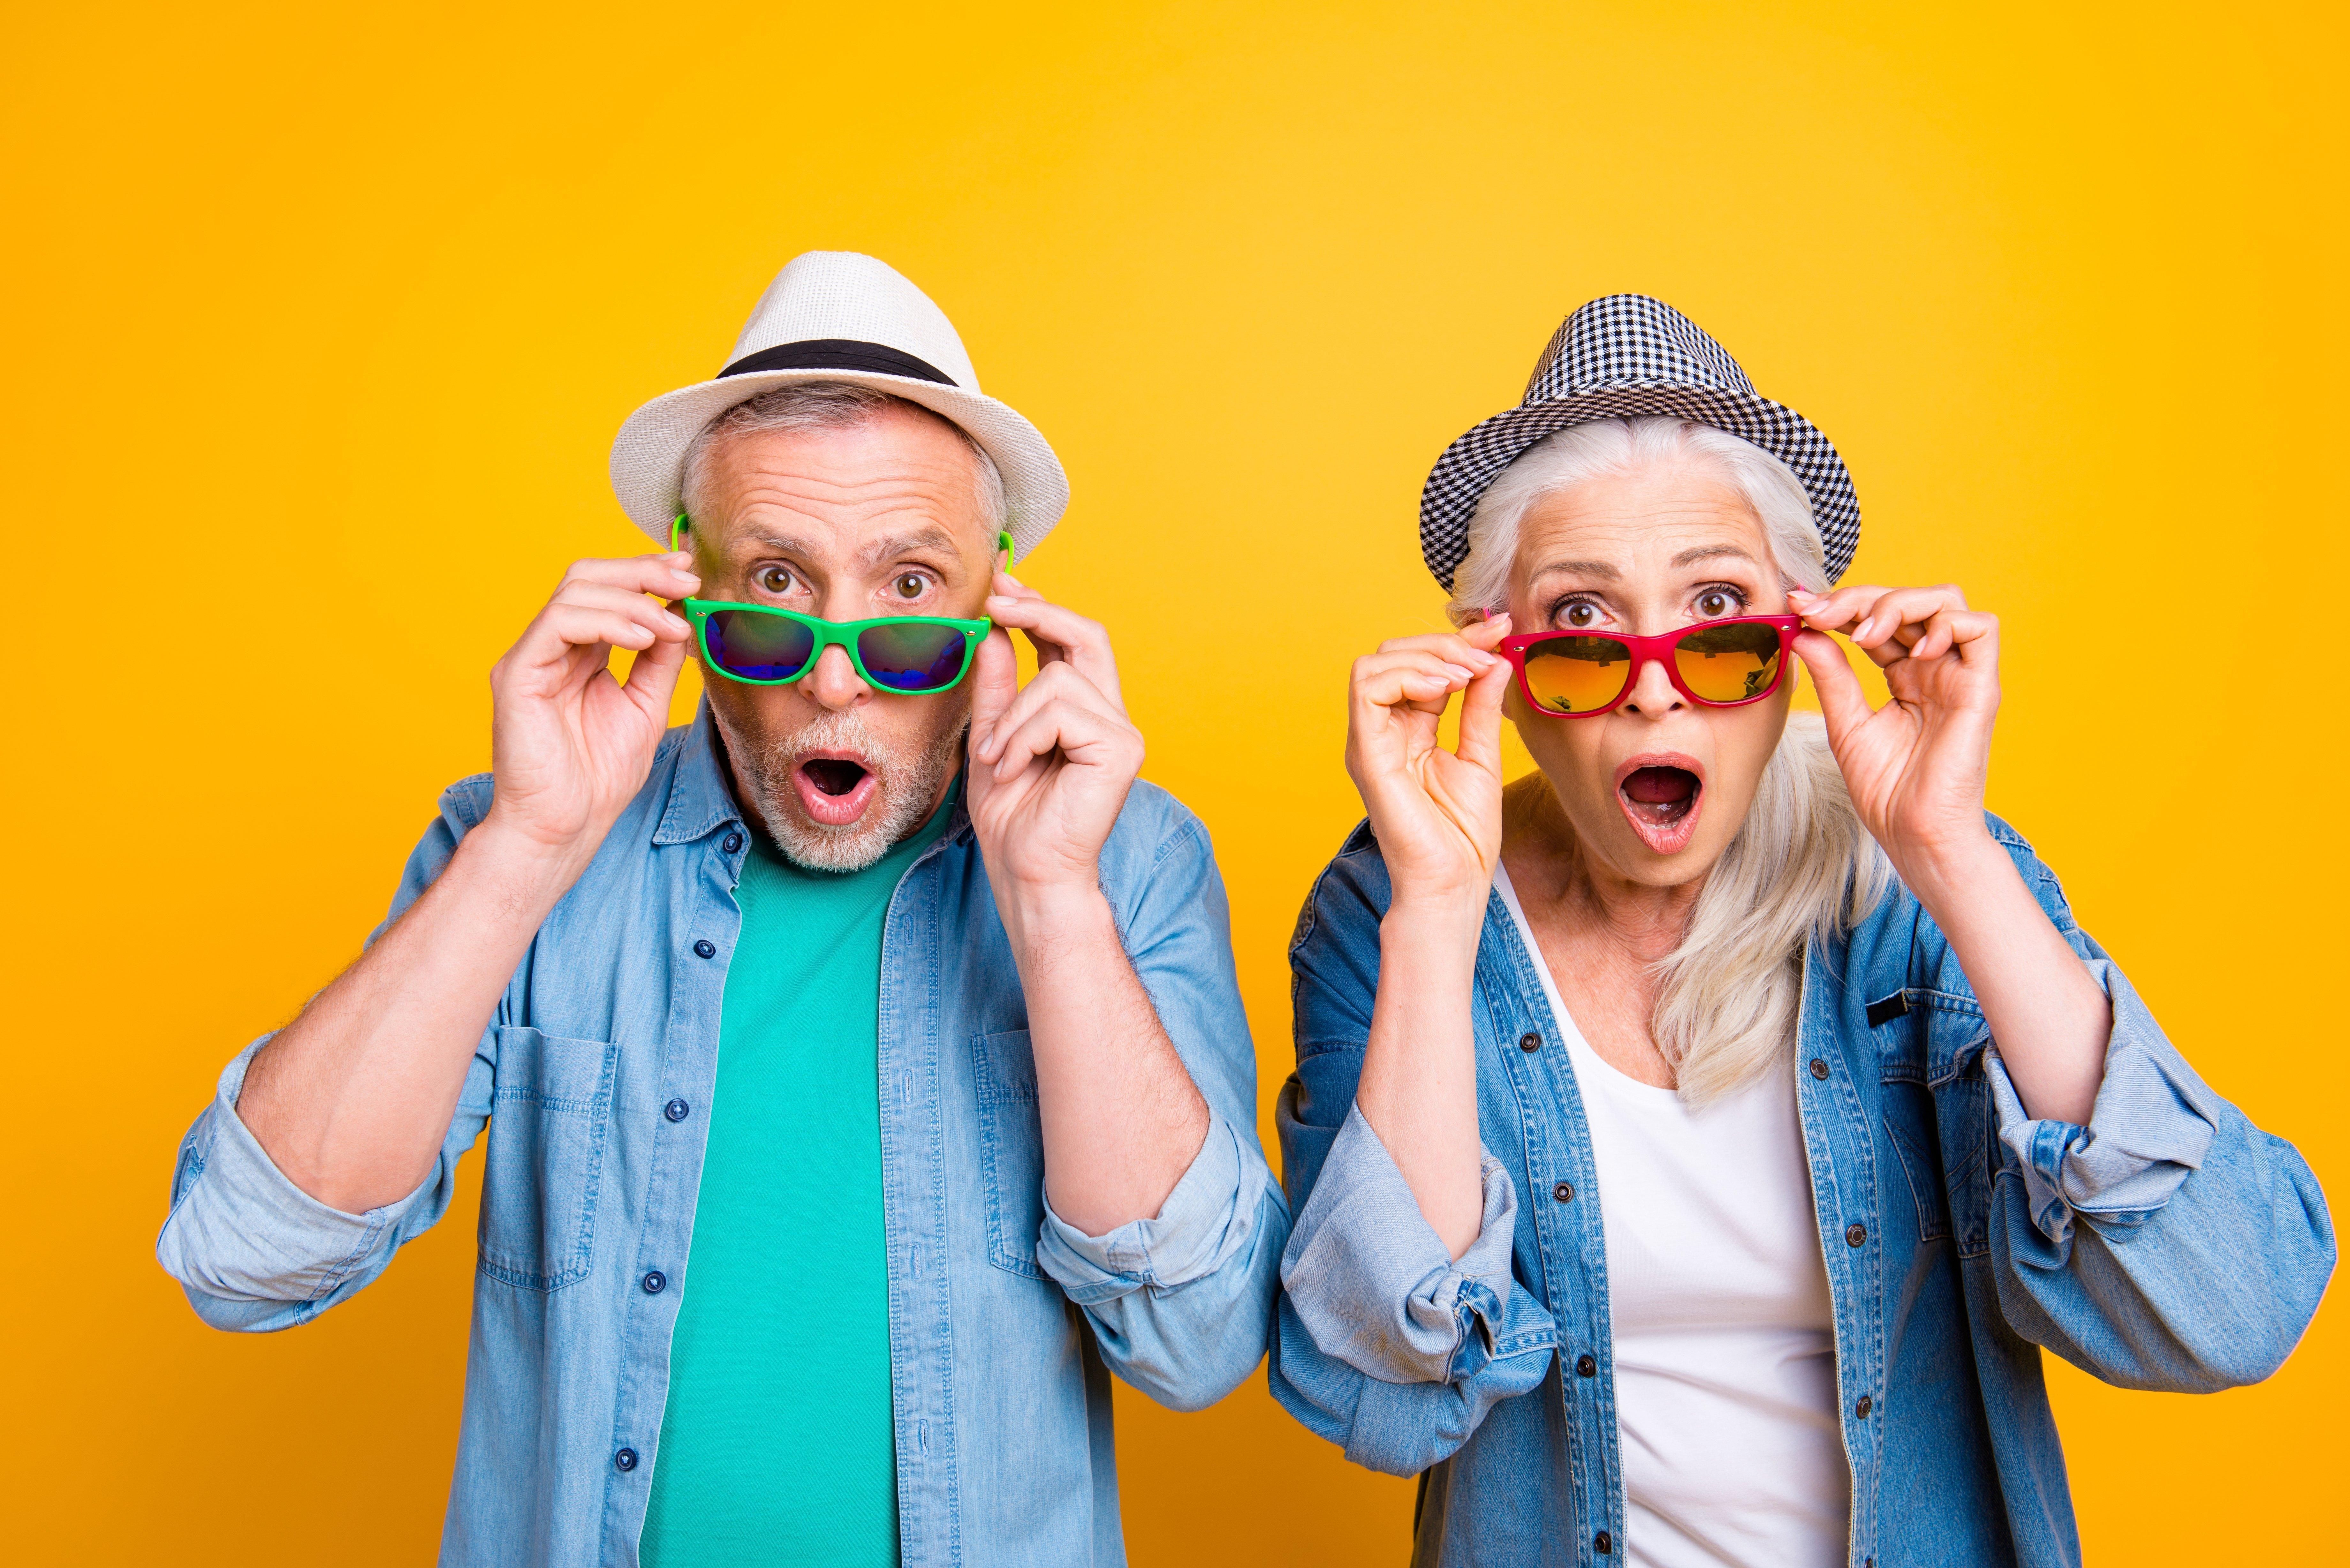 Ehepaar mit Sonnenbrillen | Quelle: Shutterstock